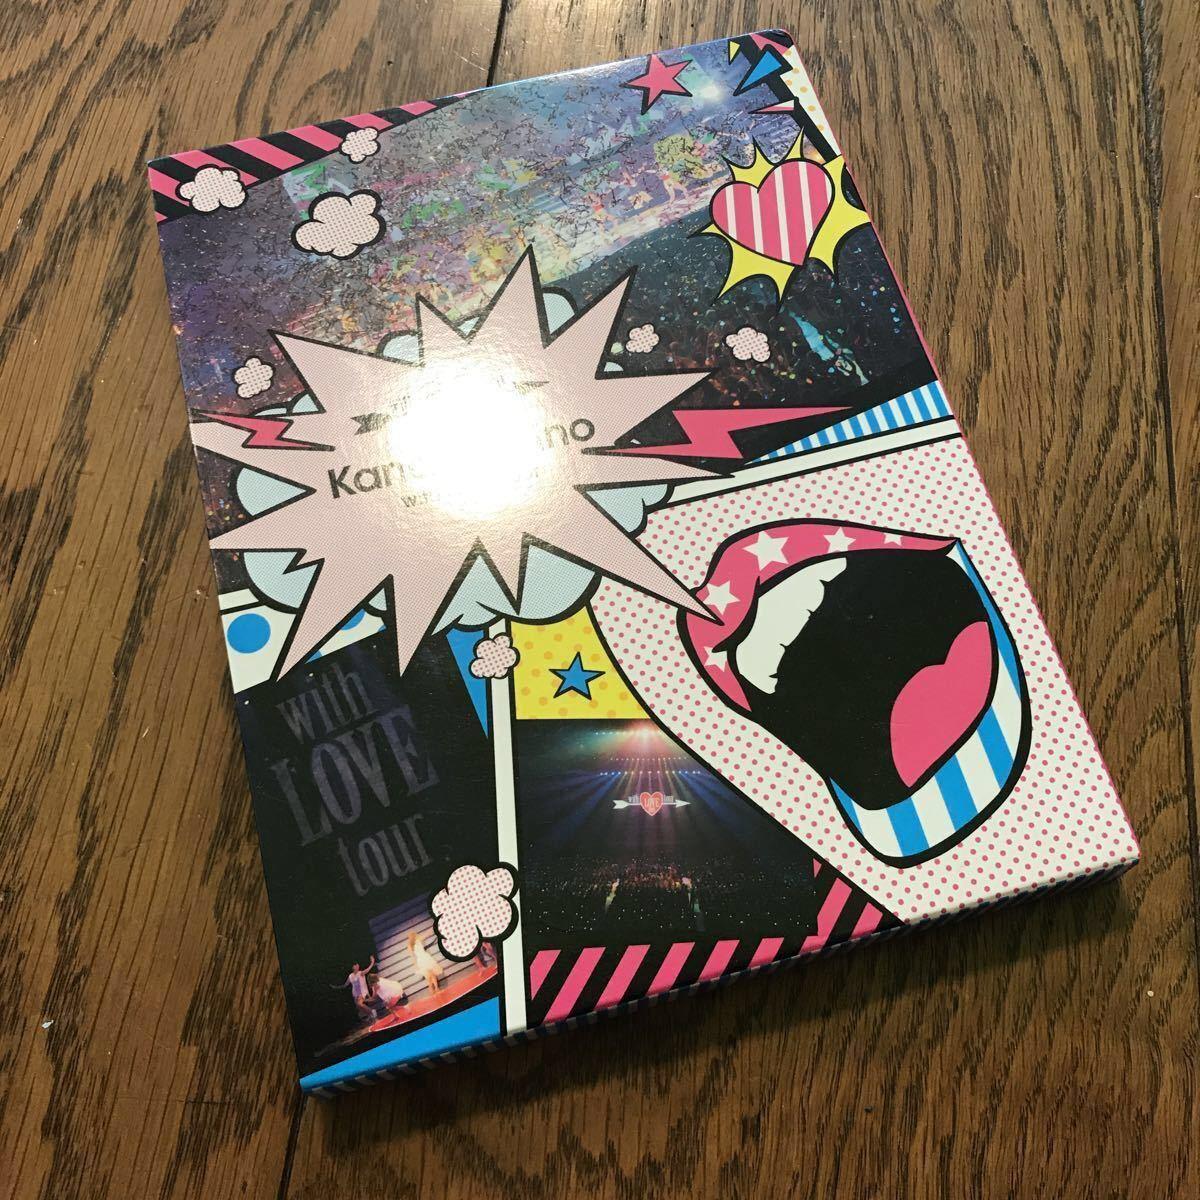 西野カナ kana nishino with Love tour ブルーレイ BD 初回生産限定版